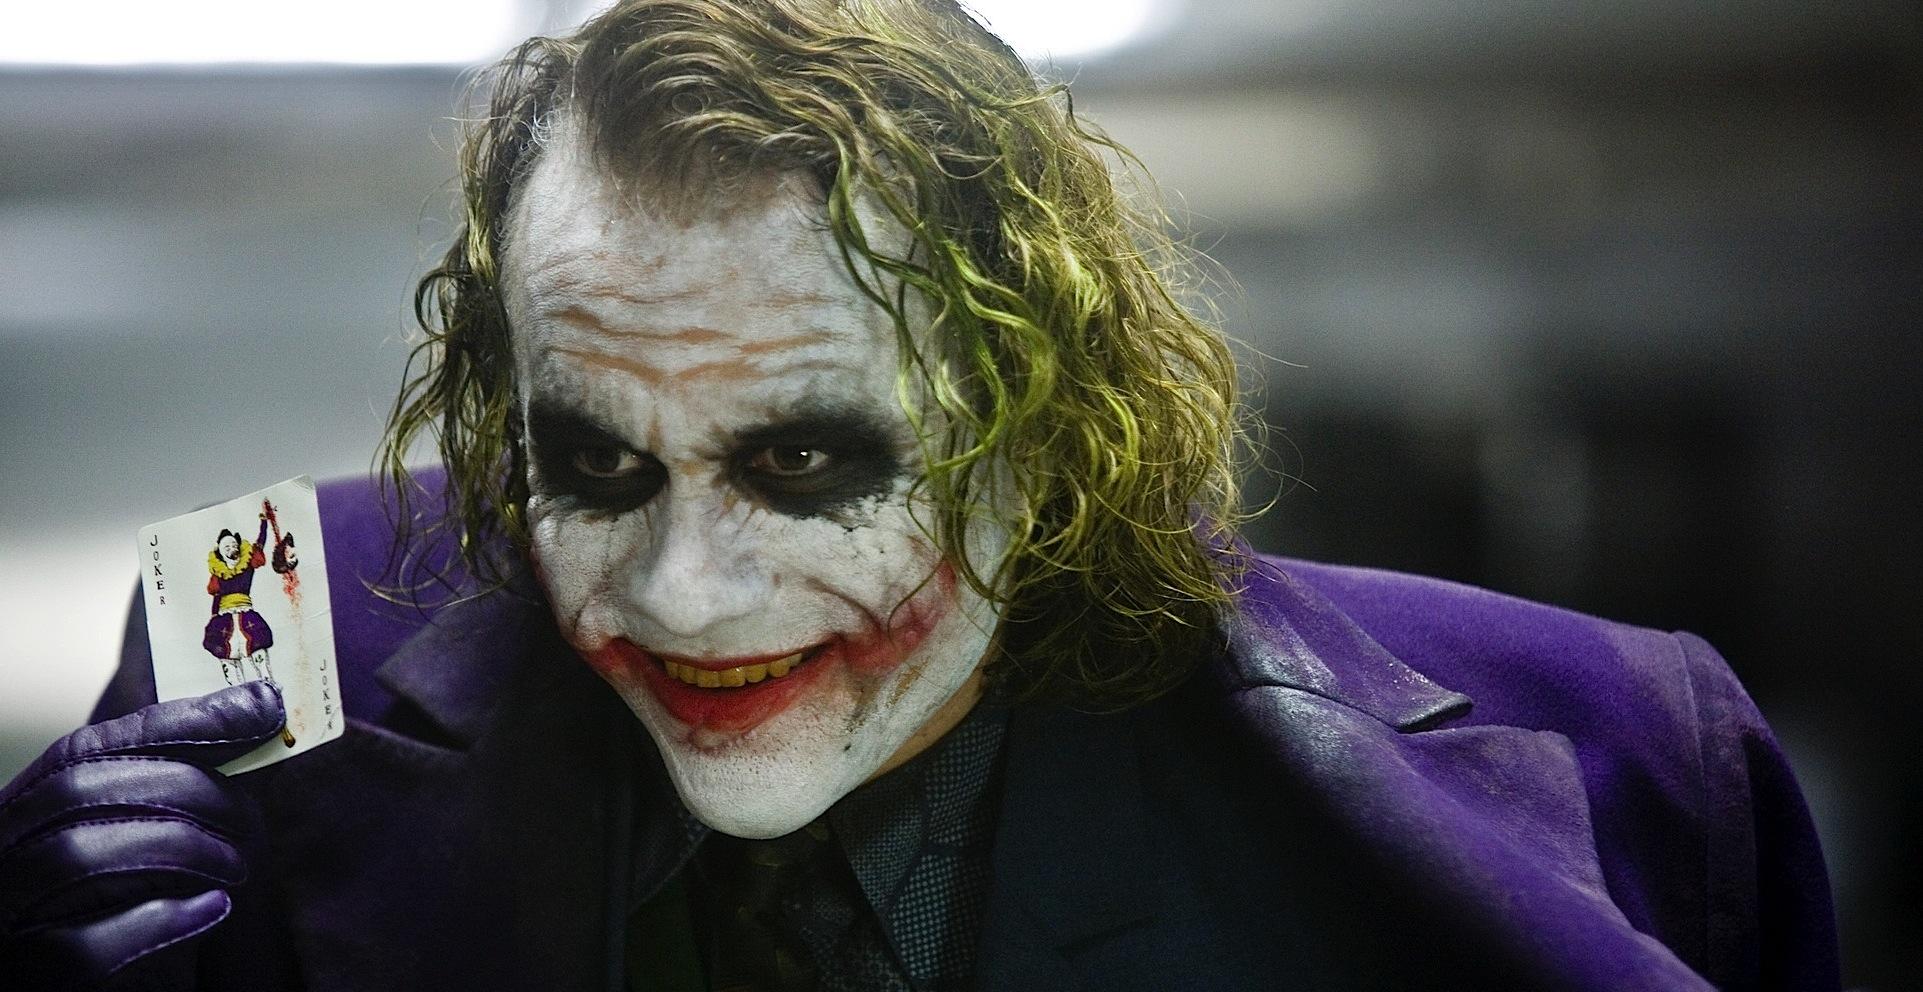 Dark-Knight-Shooting-Joker-Severed-Head-Card-Illuminati1